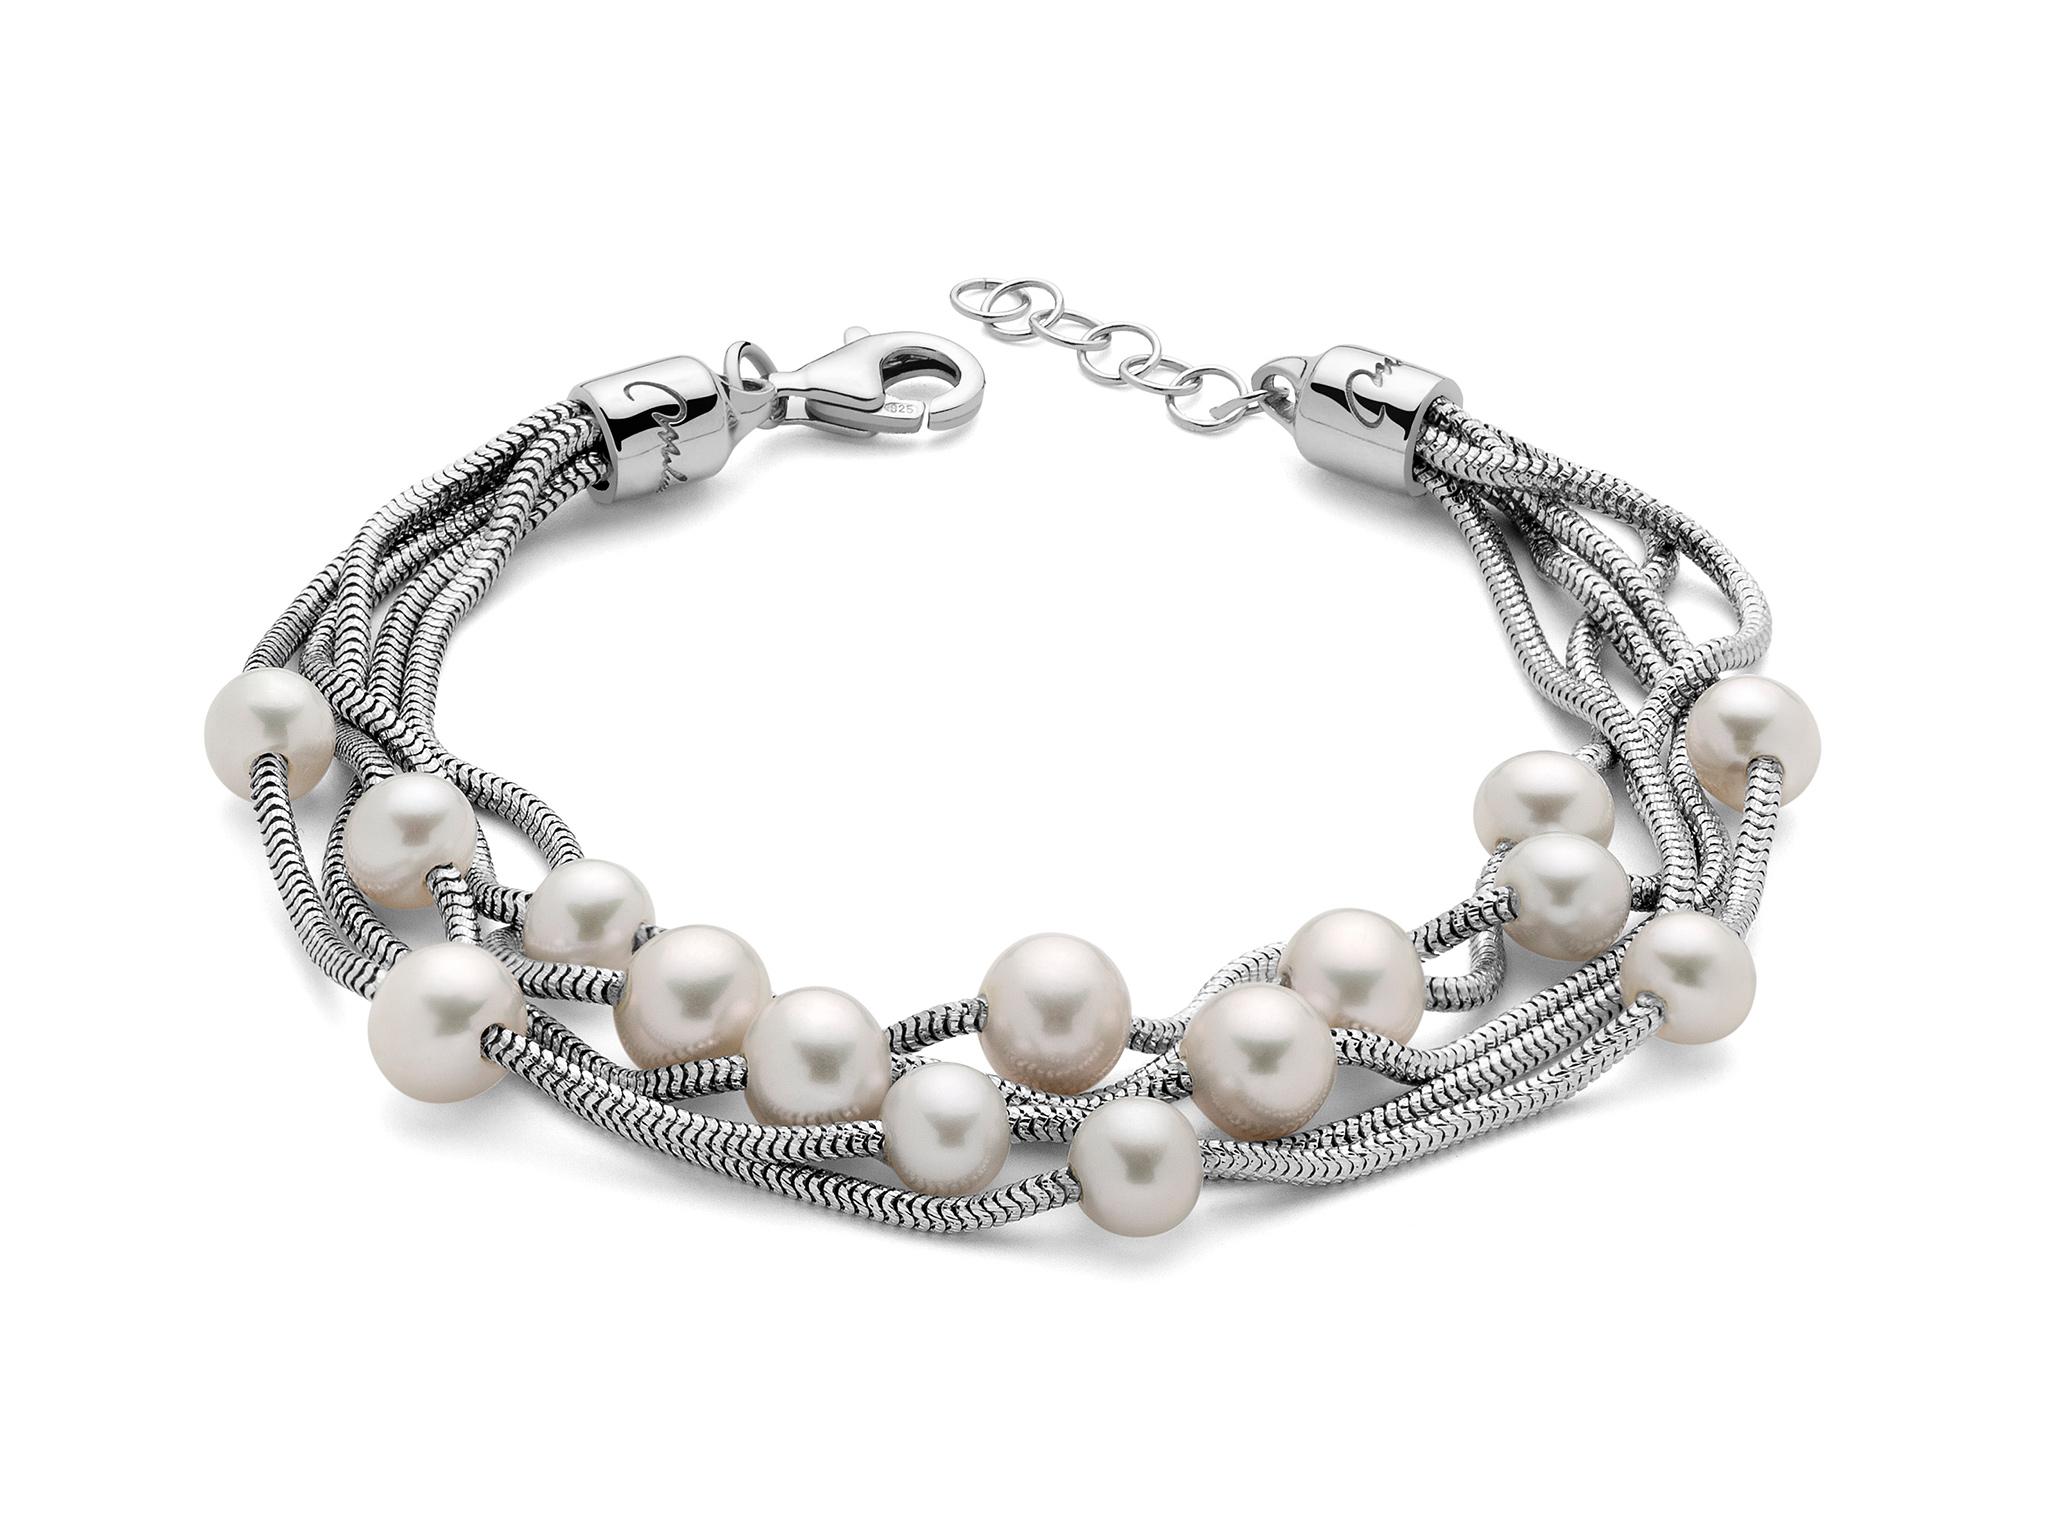 Bracciale in argento, multifilo, con perle. - PBR2836